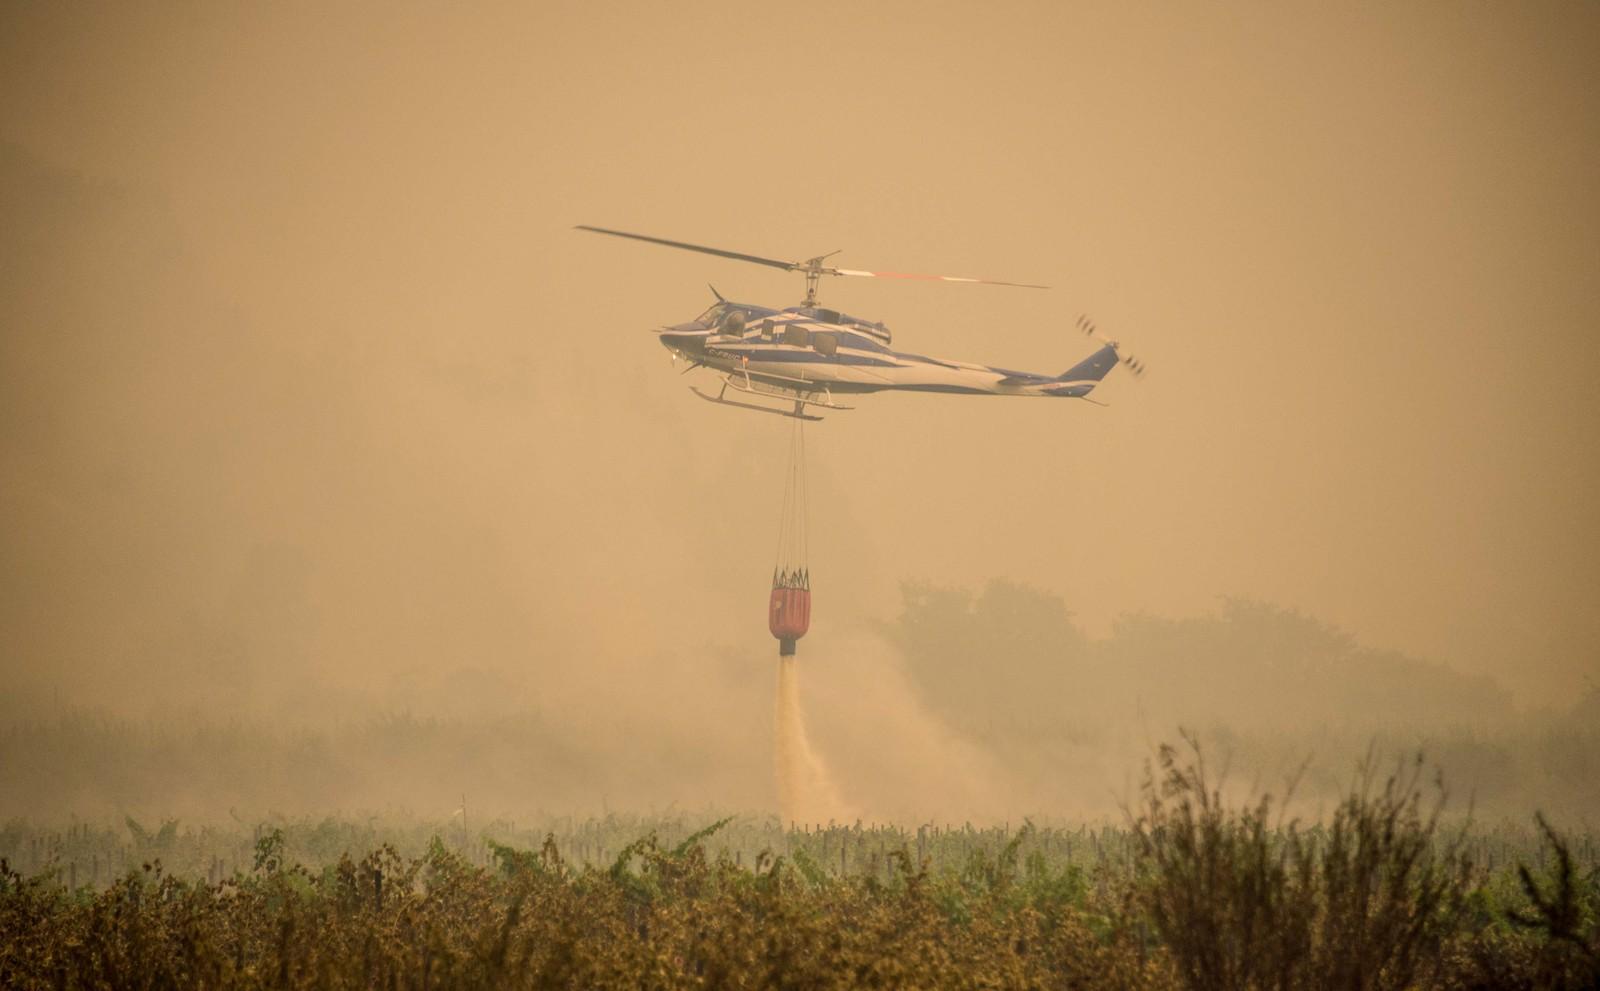 Et brannhelikopter benyttes i slukningsarbeidet i Pumanque.